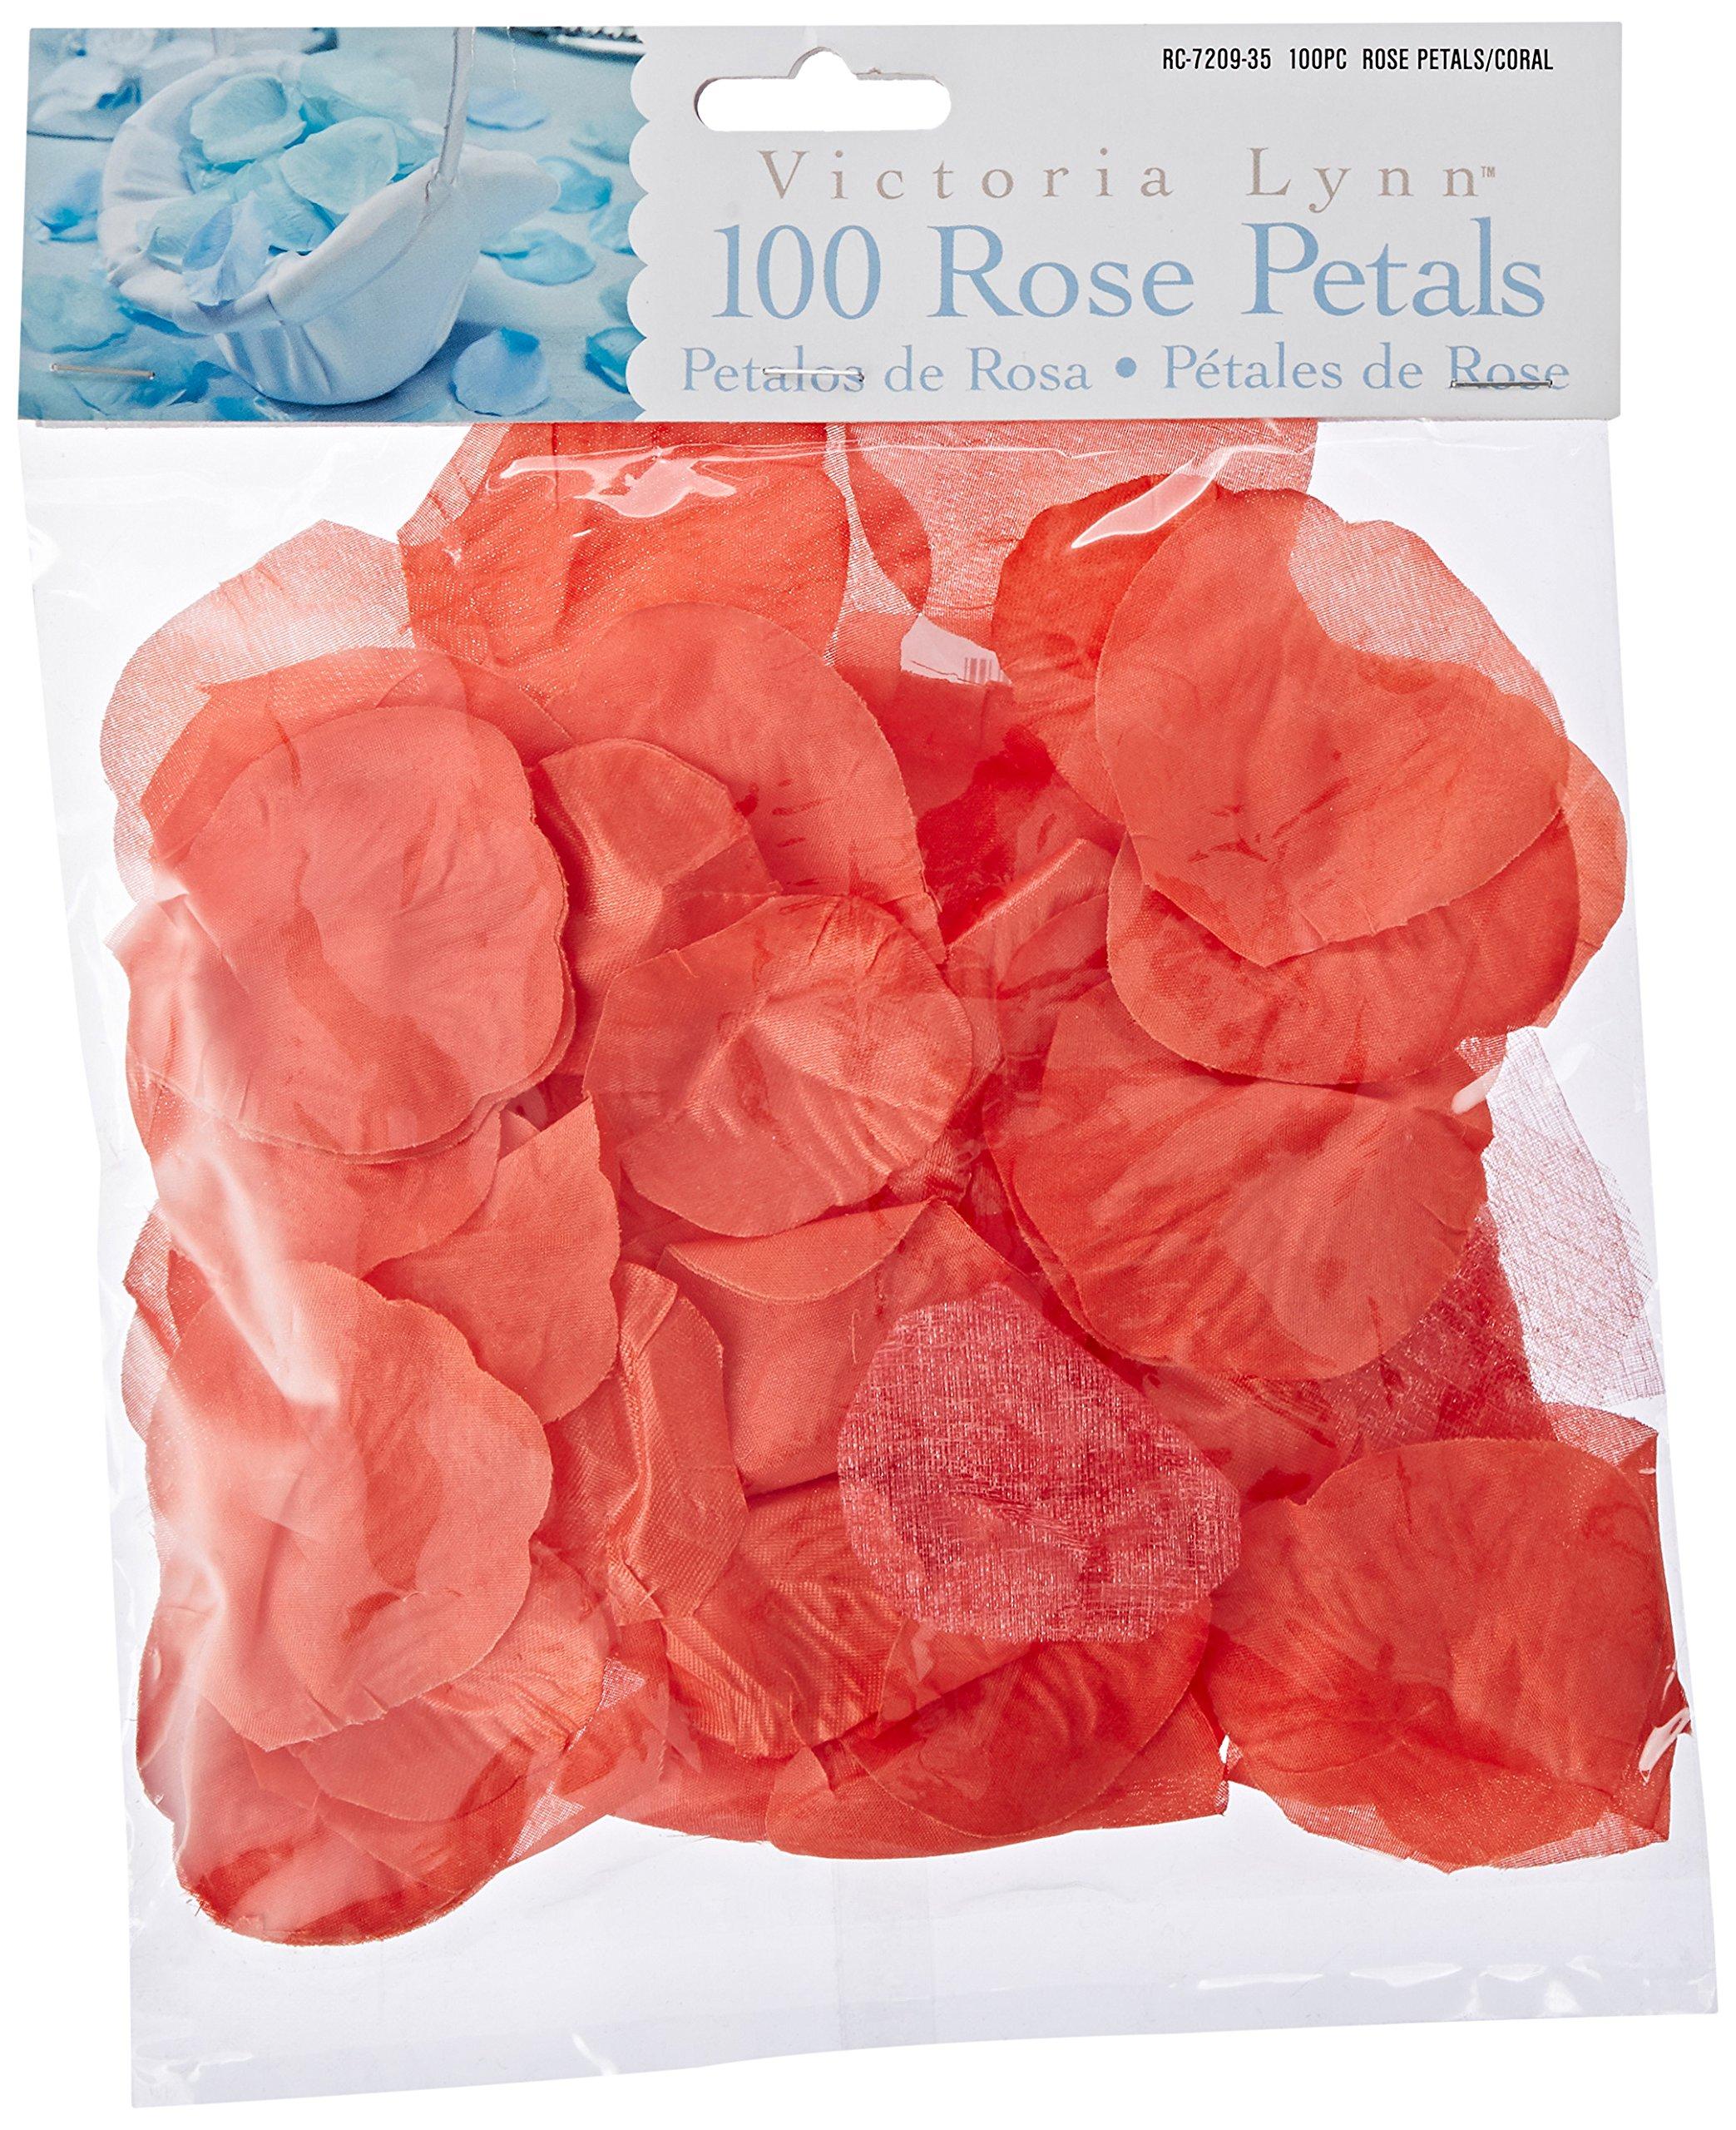 Darice-RC-7209-35-Decorative-Satin-Rose-Petals-Coral-100-Pack